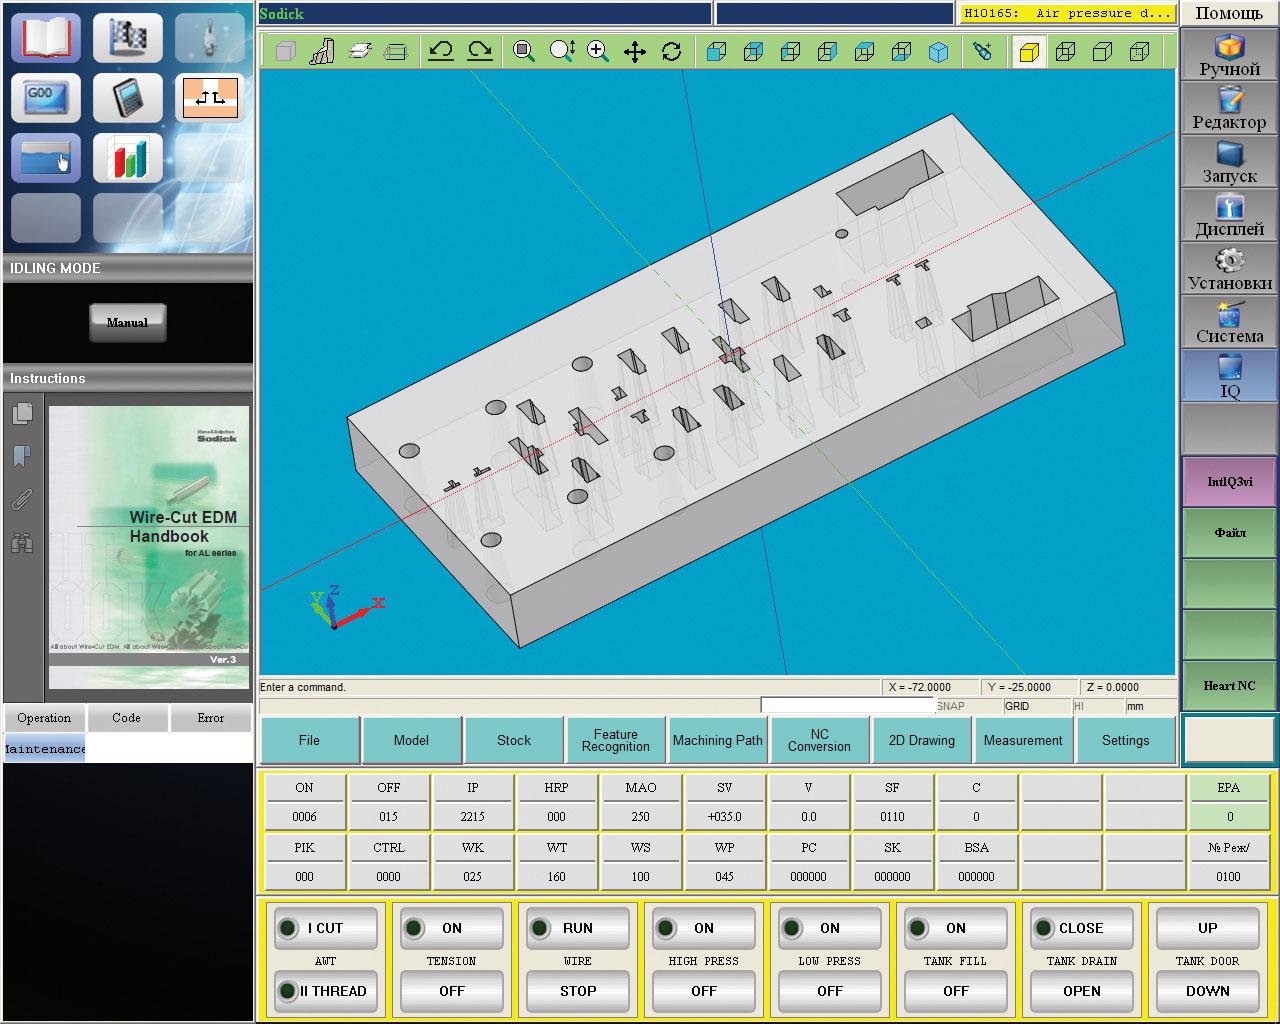 экран интеллектуальной системы Q3vic EDW3D программирования Sodick